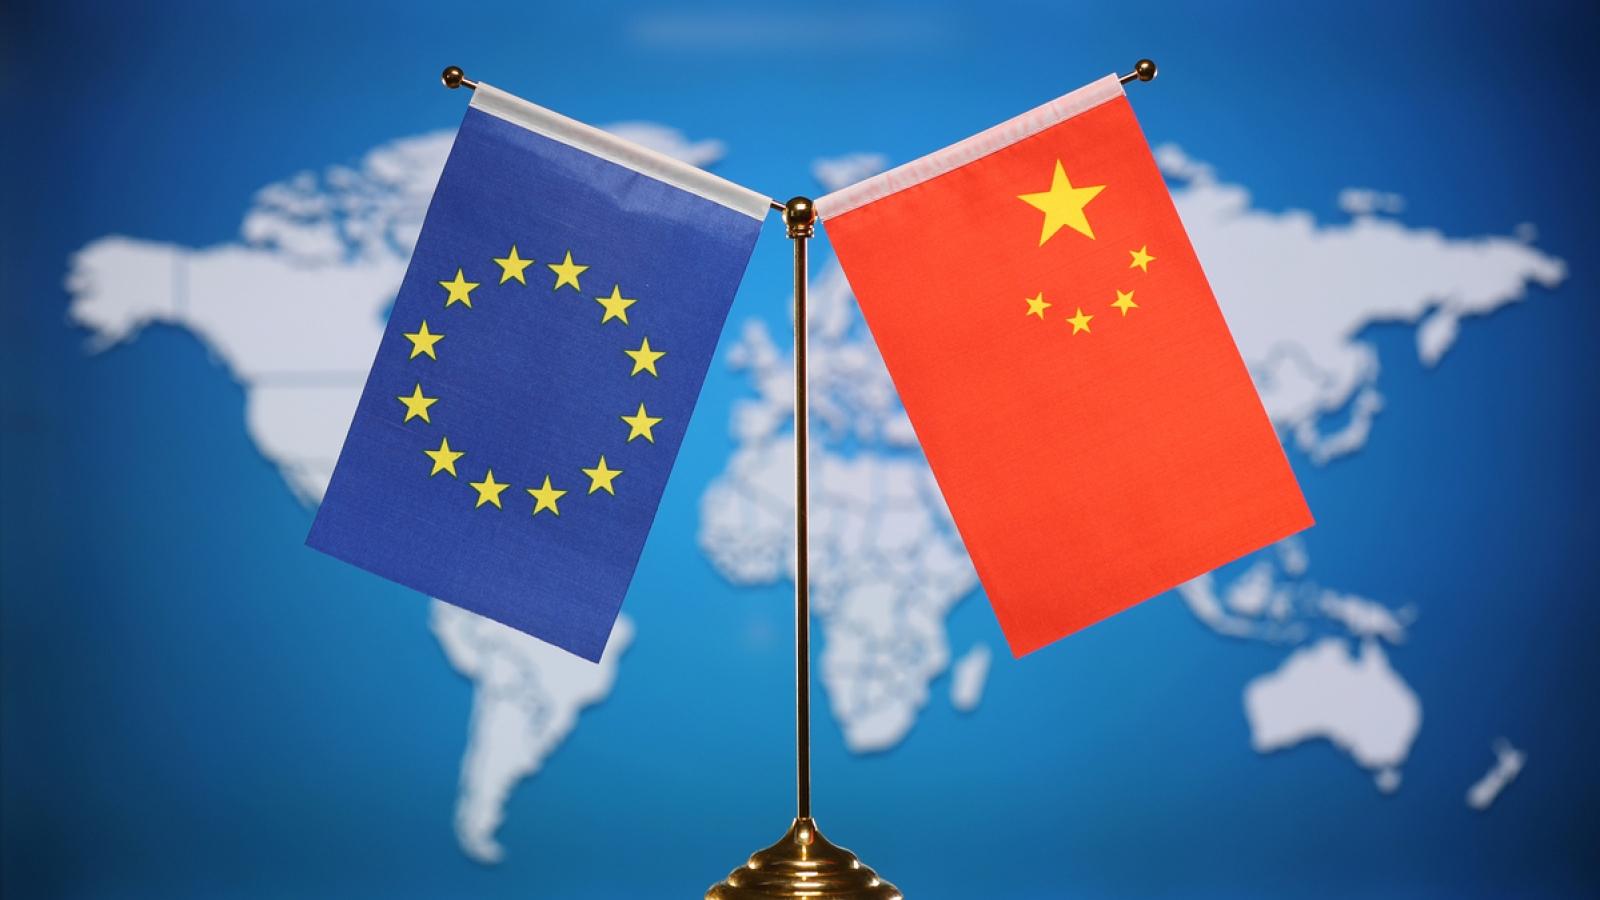 """Trung Quốc yêu cầuEU """"nghiêm túc suy nghĩ"""" việc hoãn phê chuẩn Hiệp định đầu tư"""